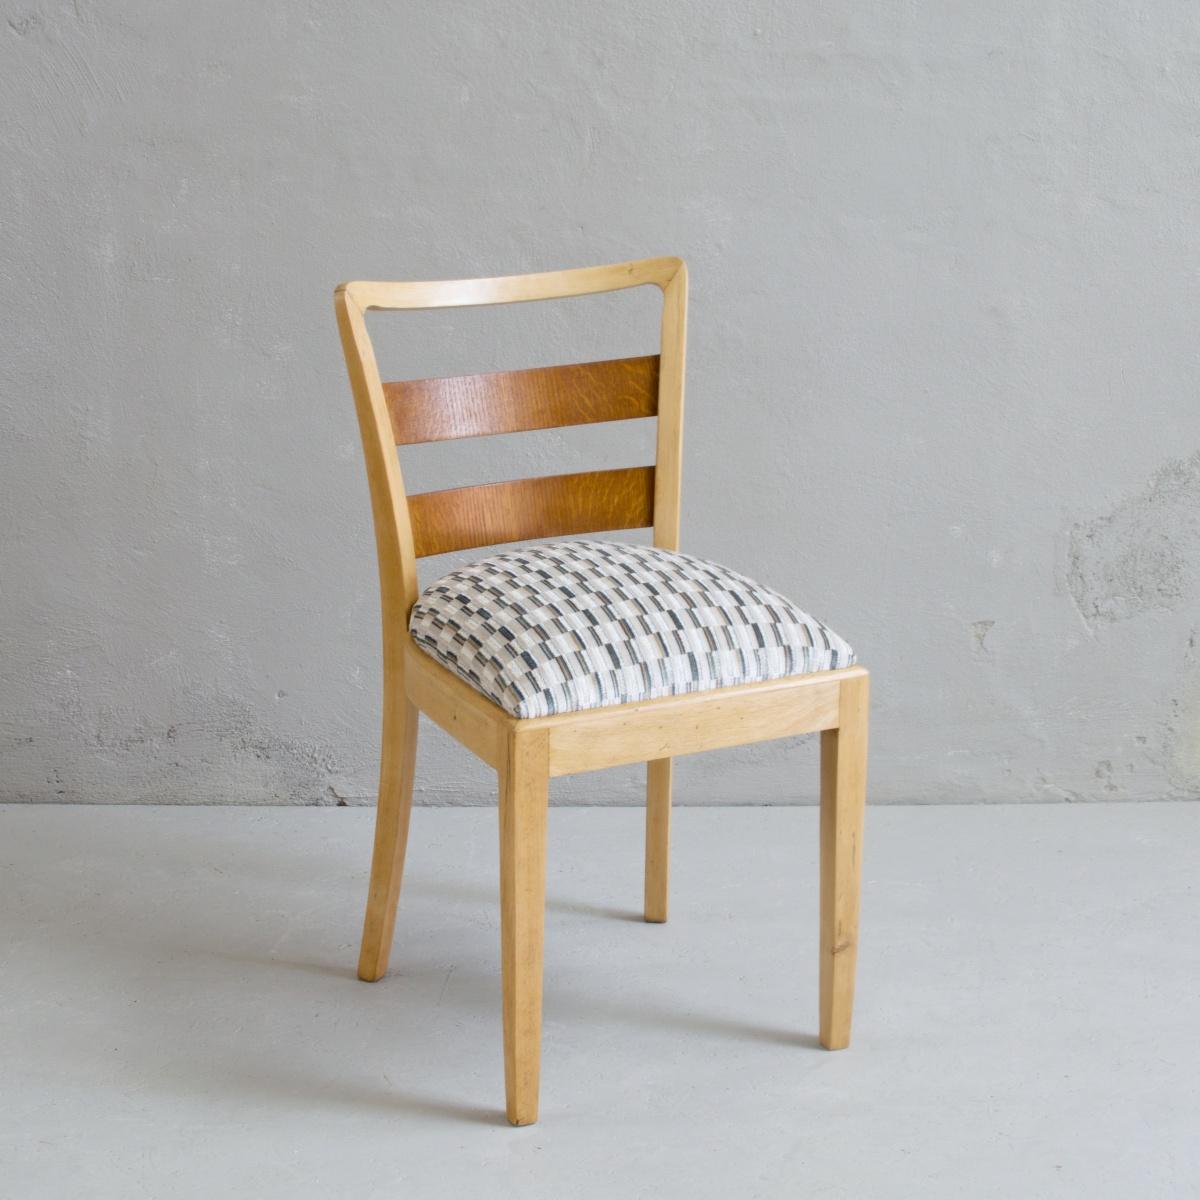 Prodej retro nábytku Praha retro židle